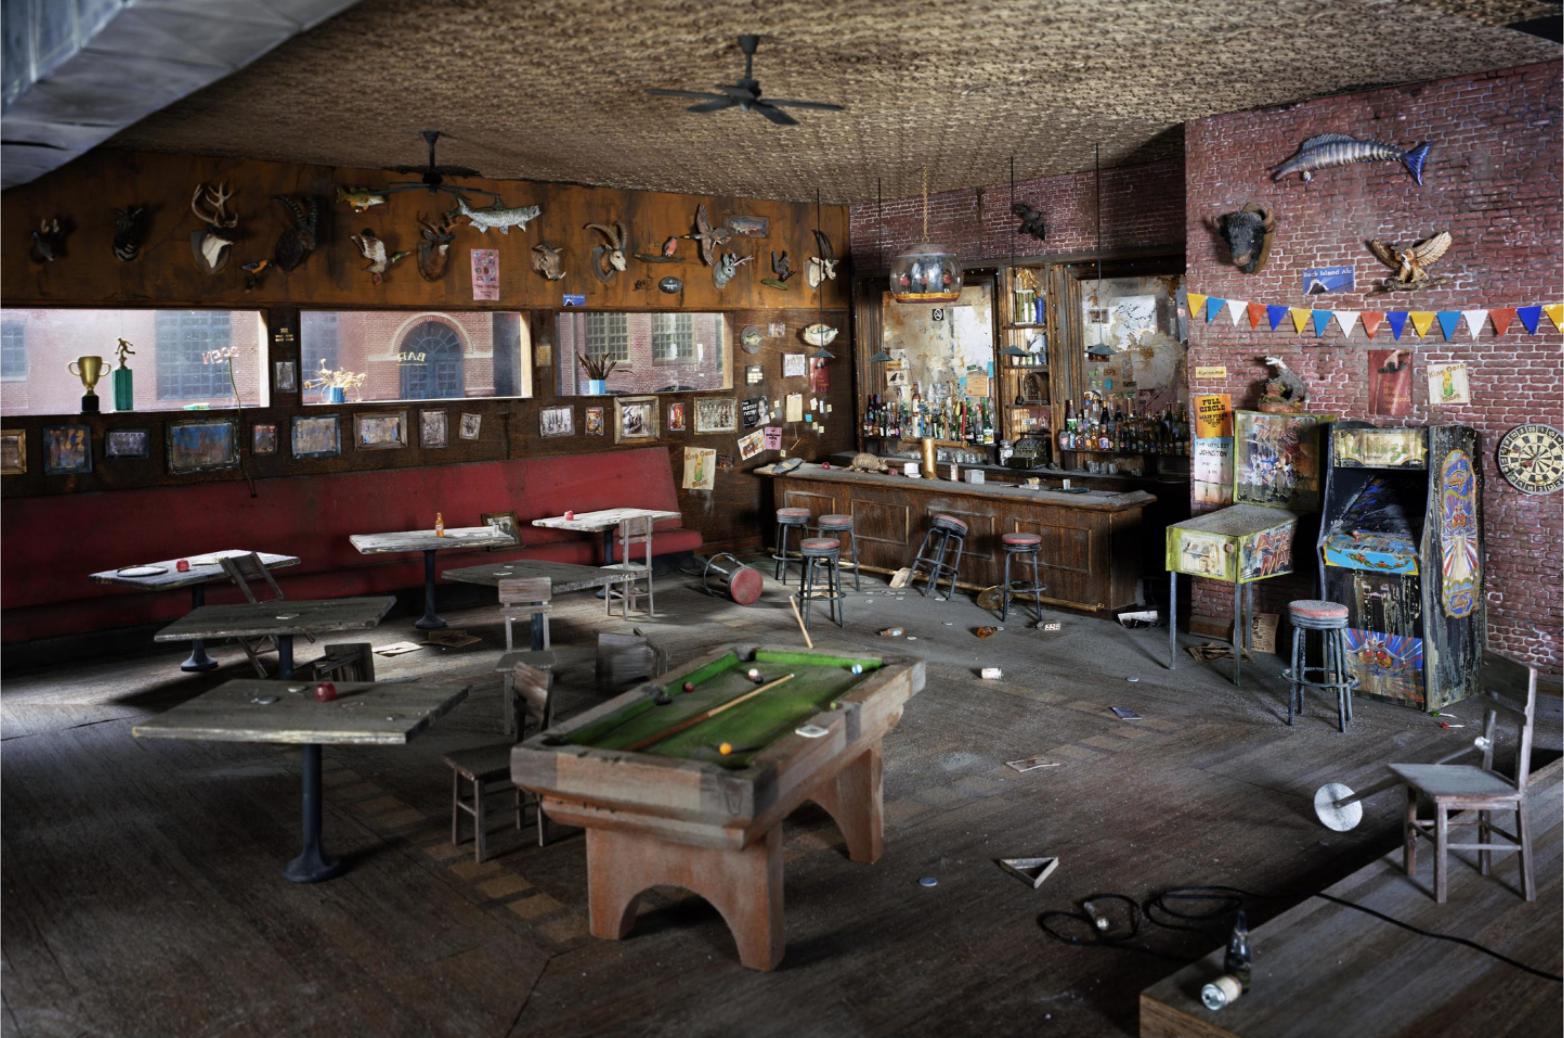 Bar, 2009 © Lori Nix